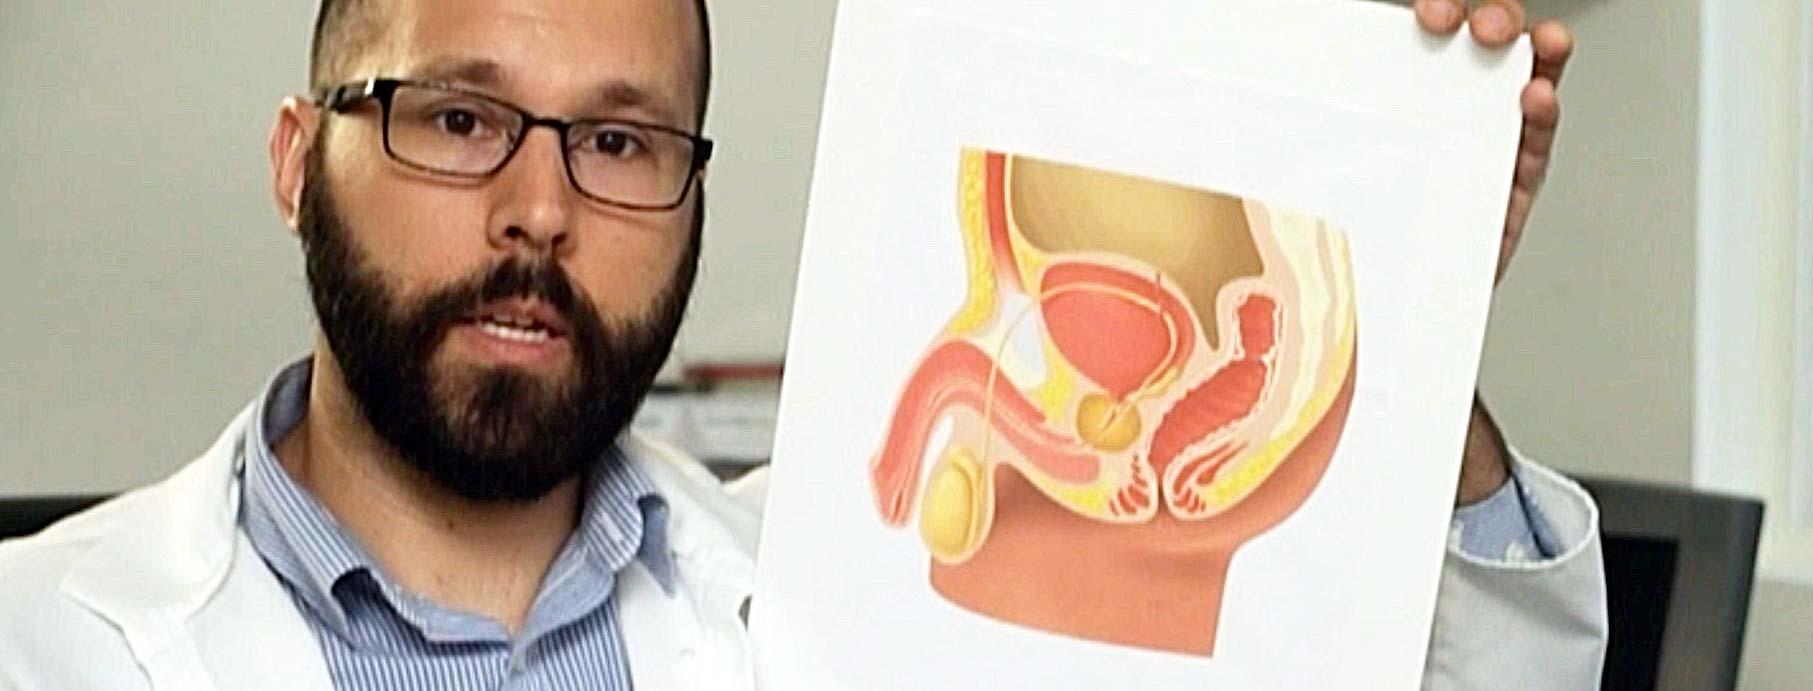 Foff-TV-Penis-Doctor.jpg